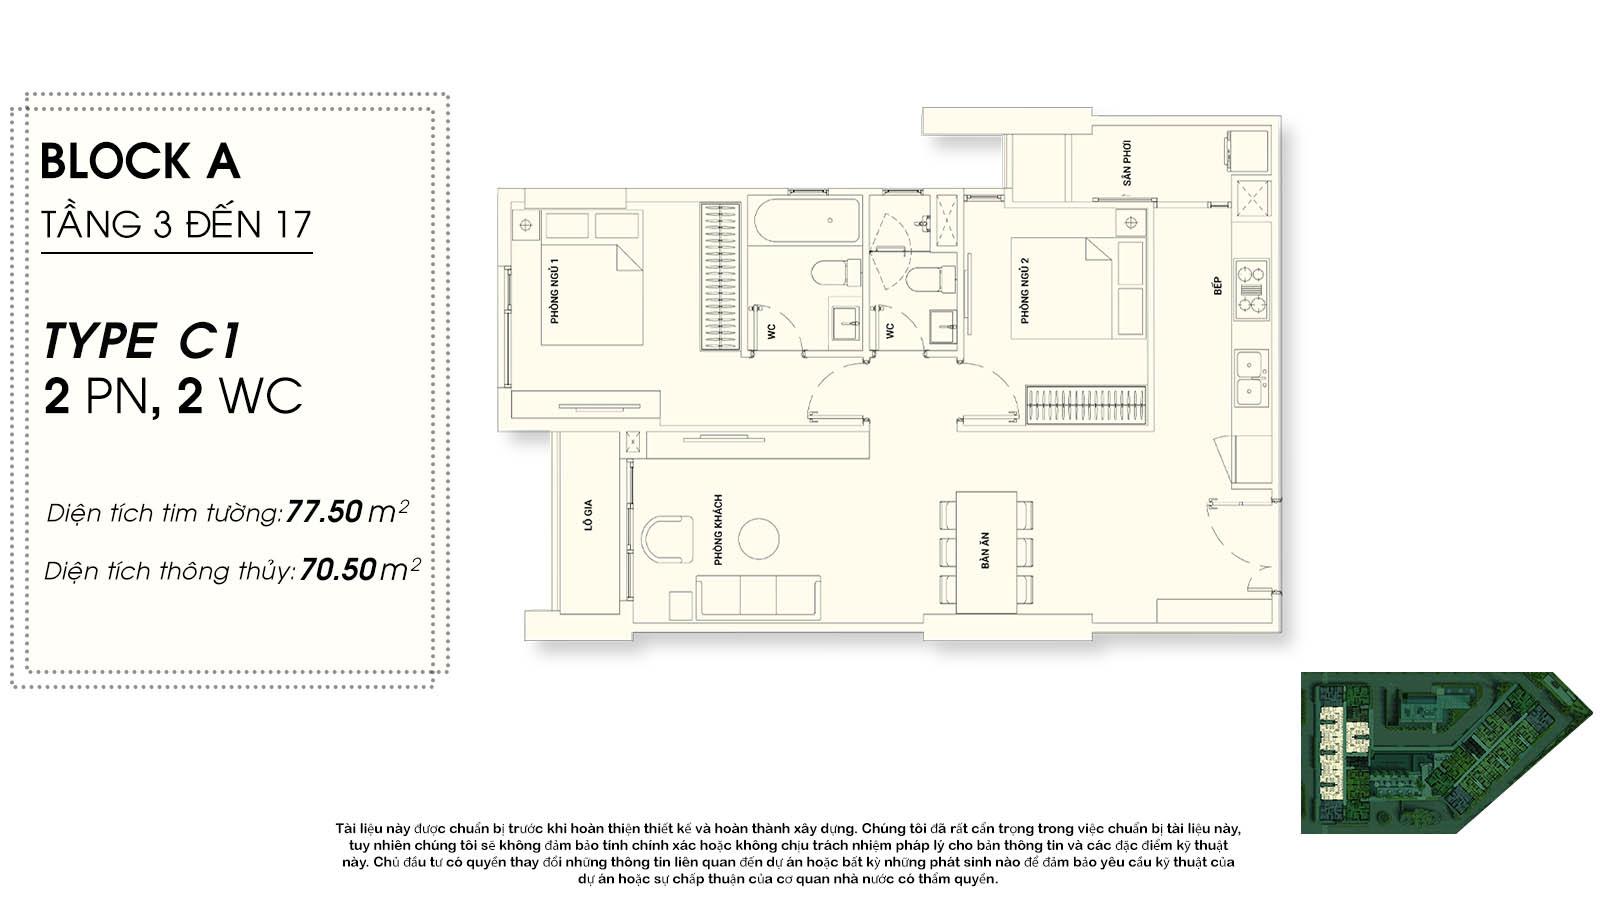 thiết kế căn hộ chung cư Asiana riverside Quận 7  - 2 phòng ngủ